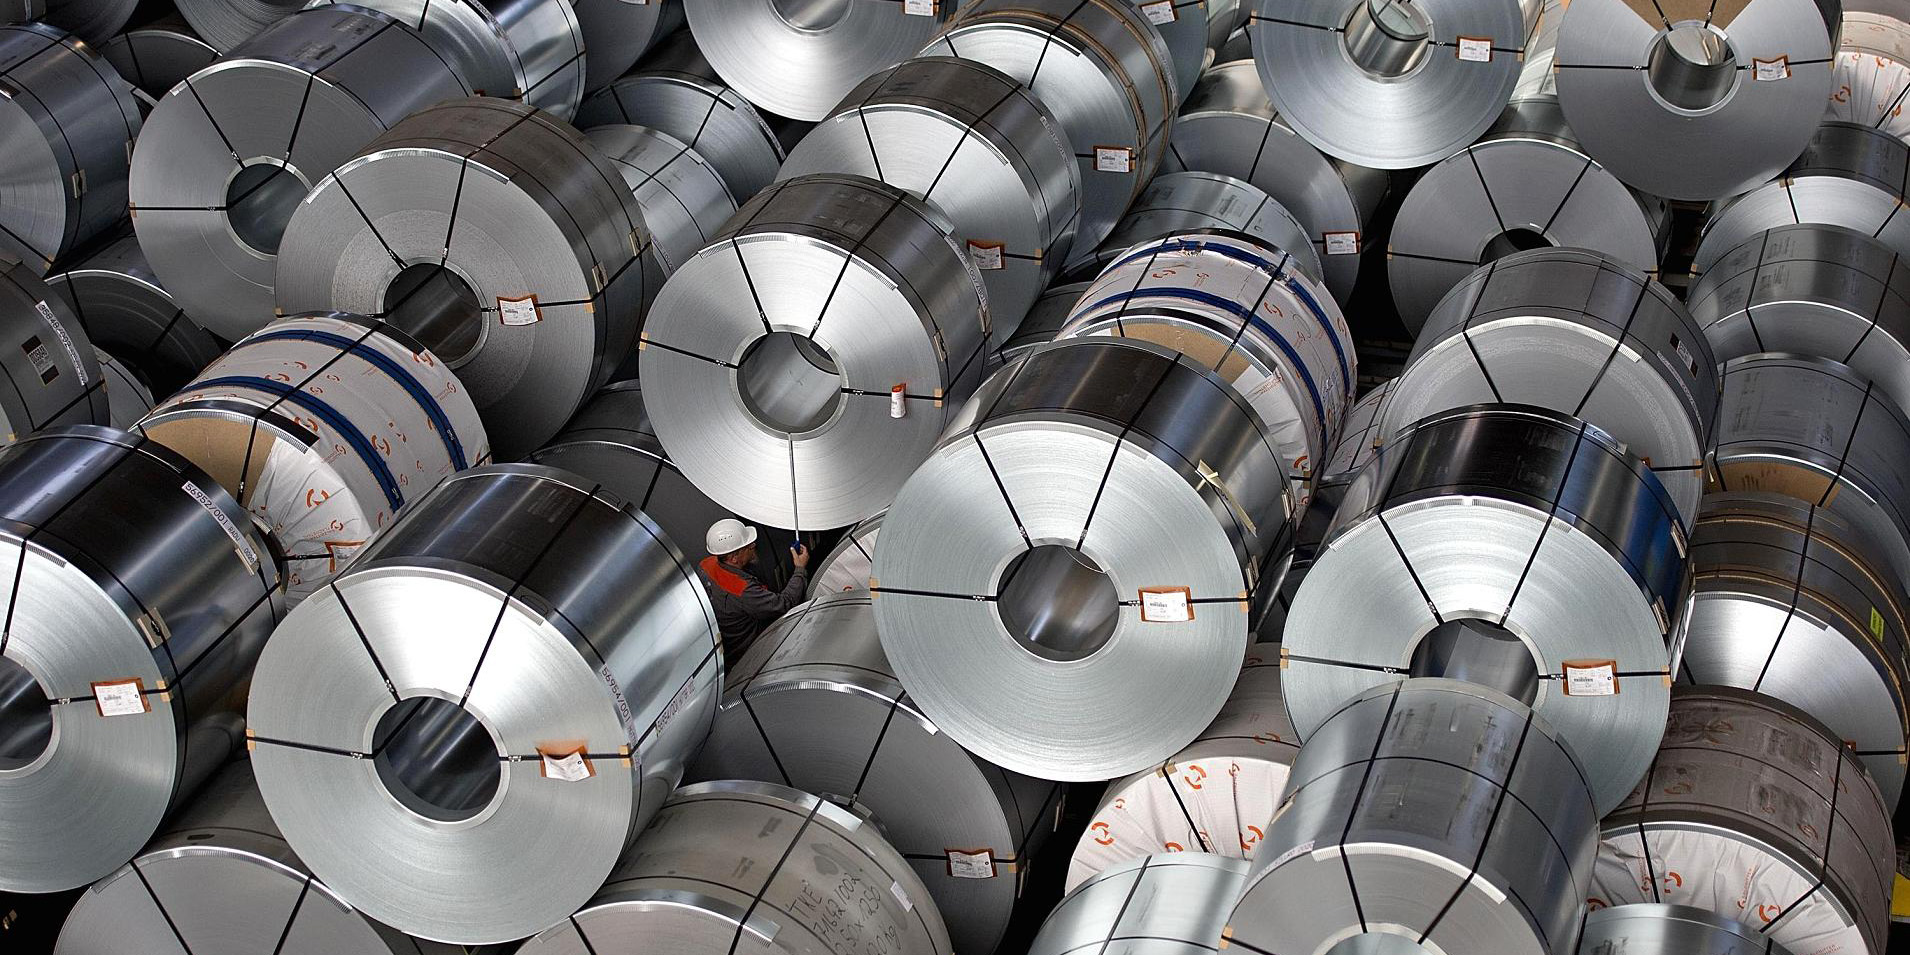 75 درصد تولیدات فولاد هرمزگان صادر میشود